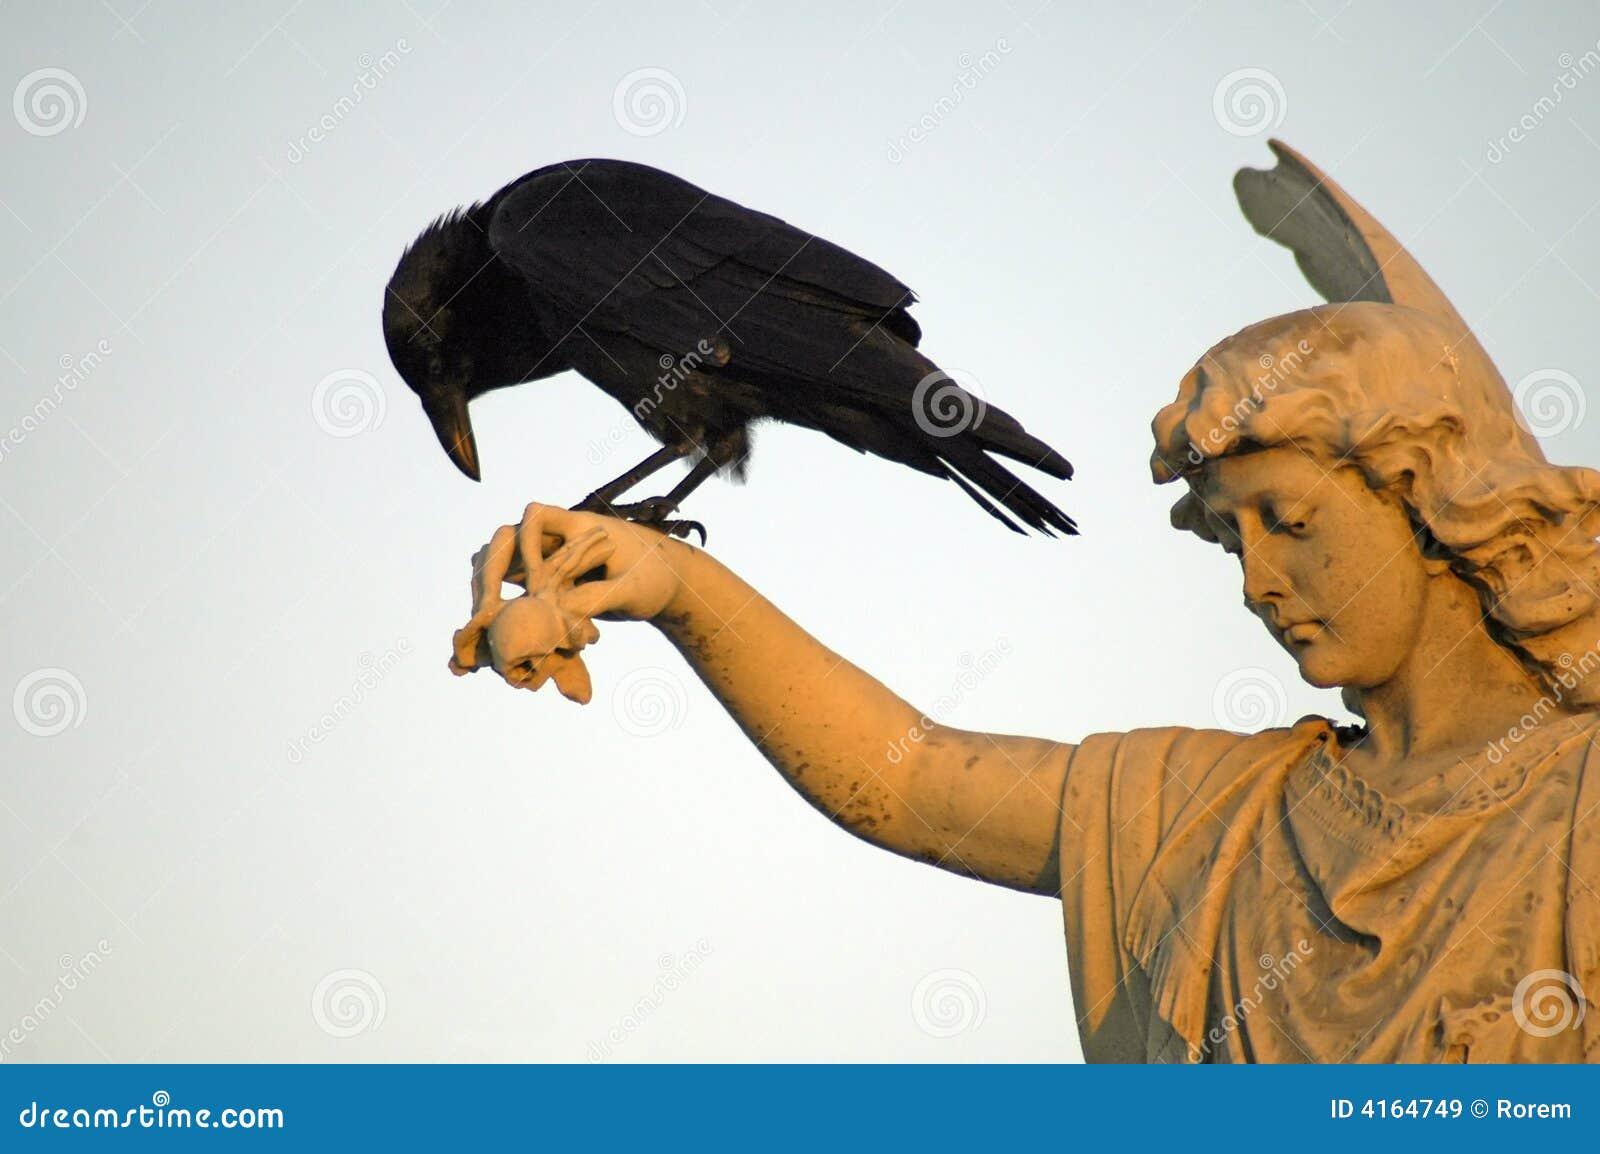 Angel and crow